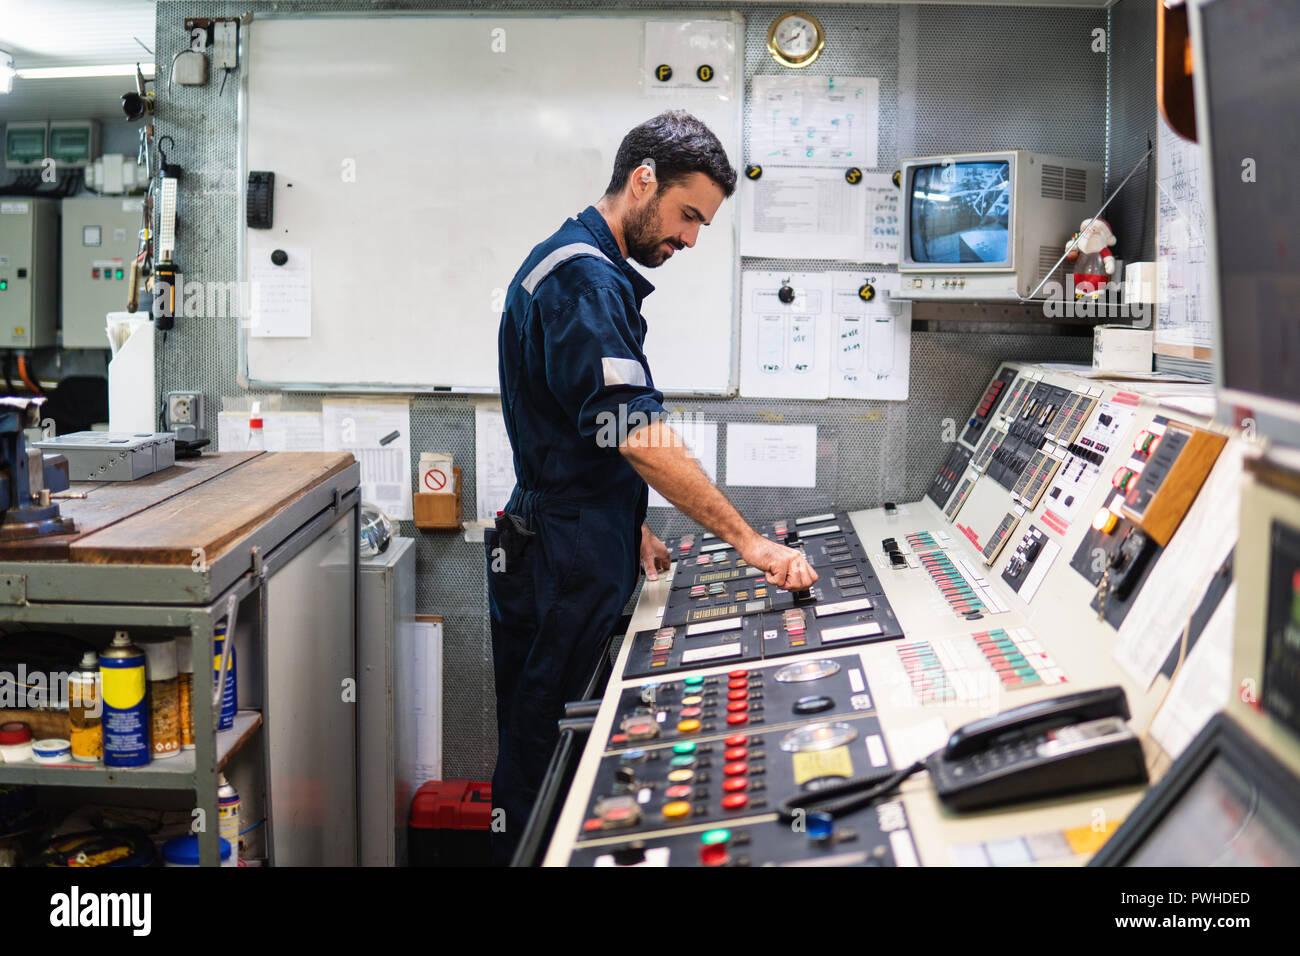 Marine ufficiale di macchina lavora nella camera del motore Immagini Stock